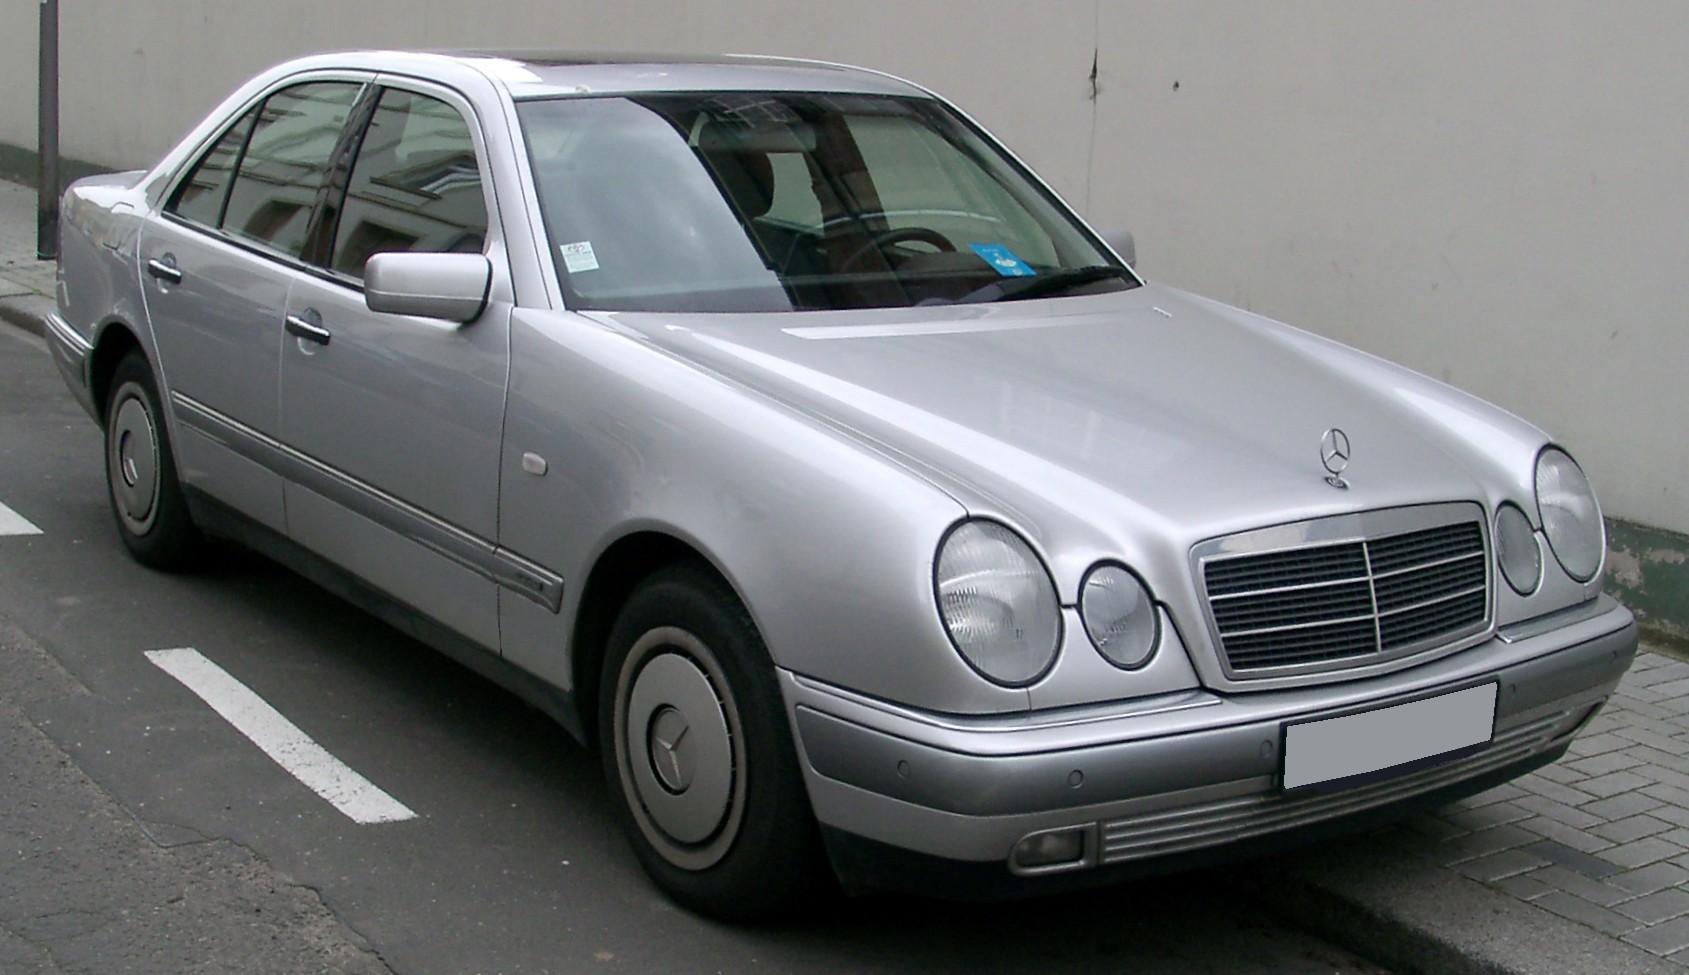 Mercedes benz w210 wikipedia the free encyclopedia autos for Mercedes benz wiki